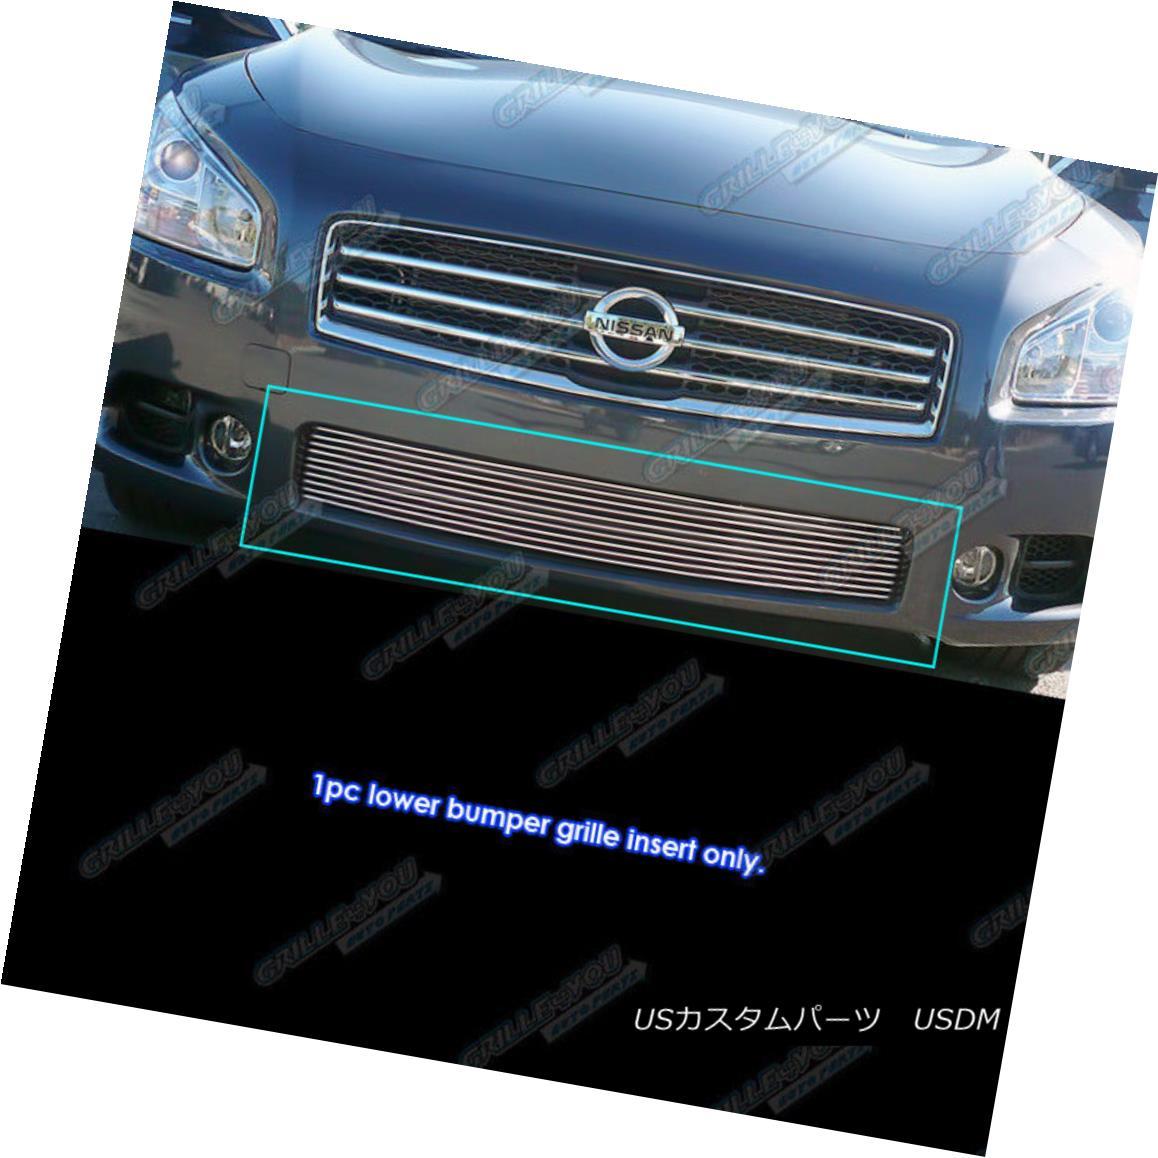 グリル Fits 2009-2014 Nissan Maxima Lower Bumper Billet Grille Grill Insert フィット2009-2014日産マキシマロワーバンパービレットグリルグリルインサート